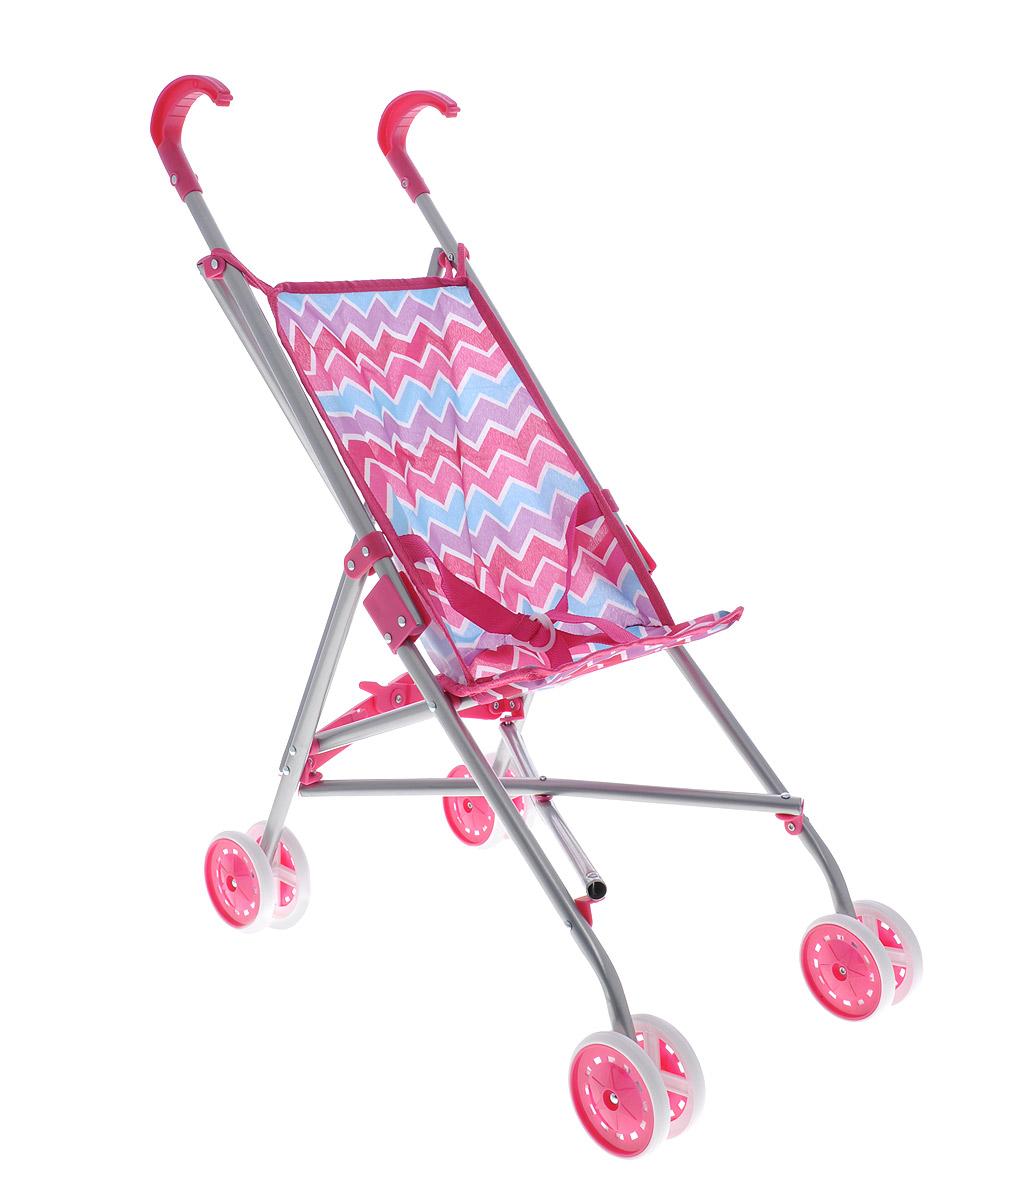 Melobo Прогулочная коляска для кукол цвет розовый сиреневый голубой